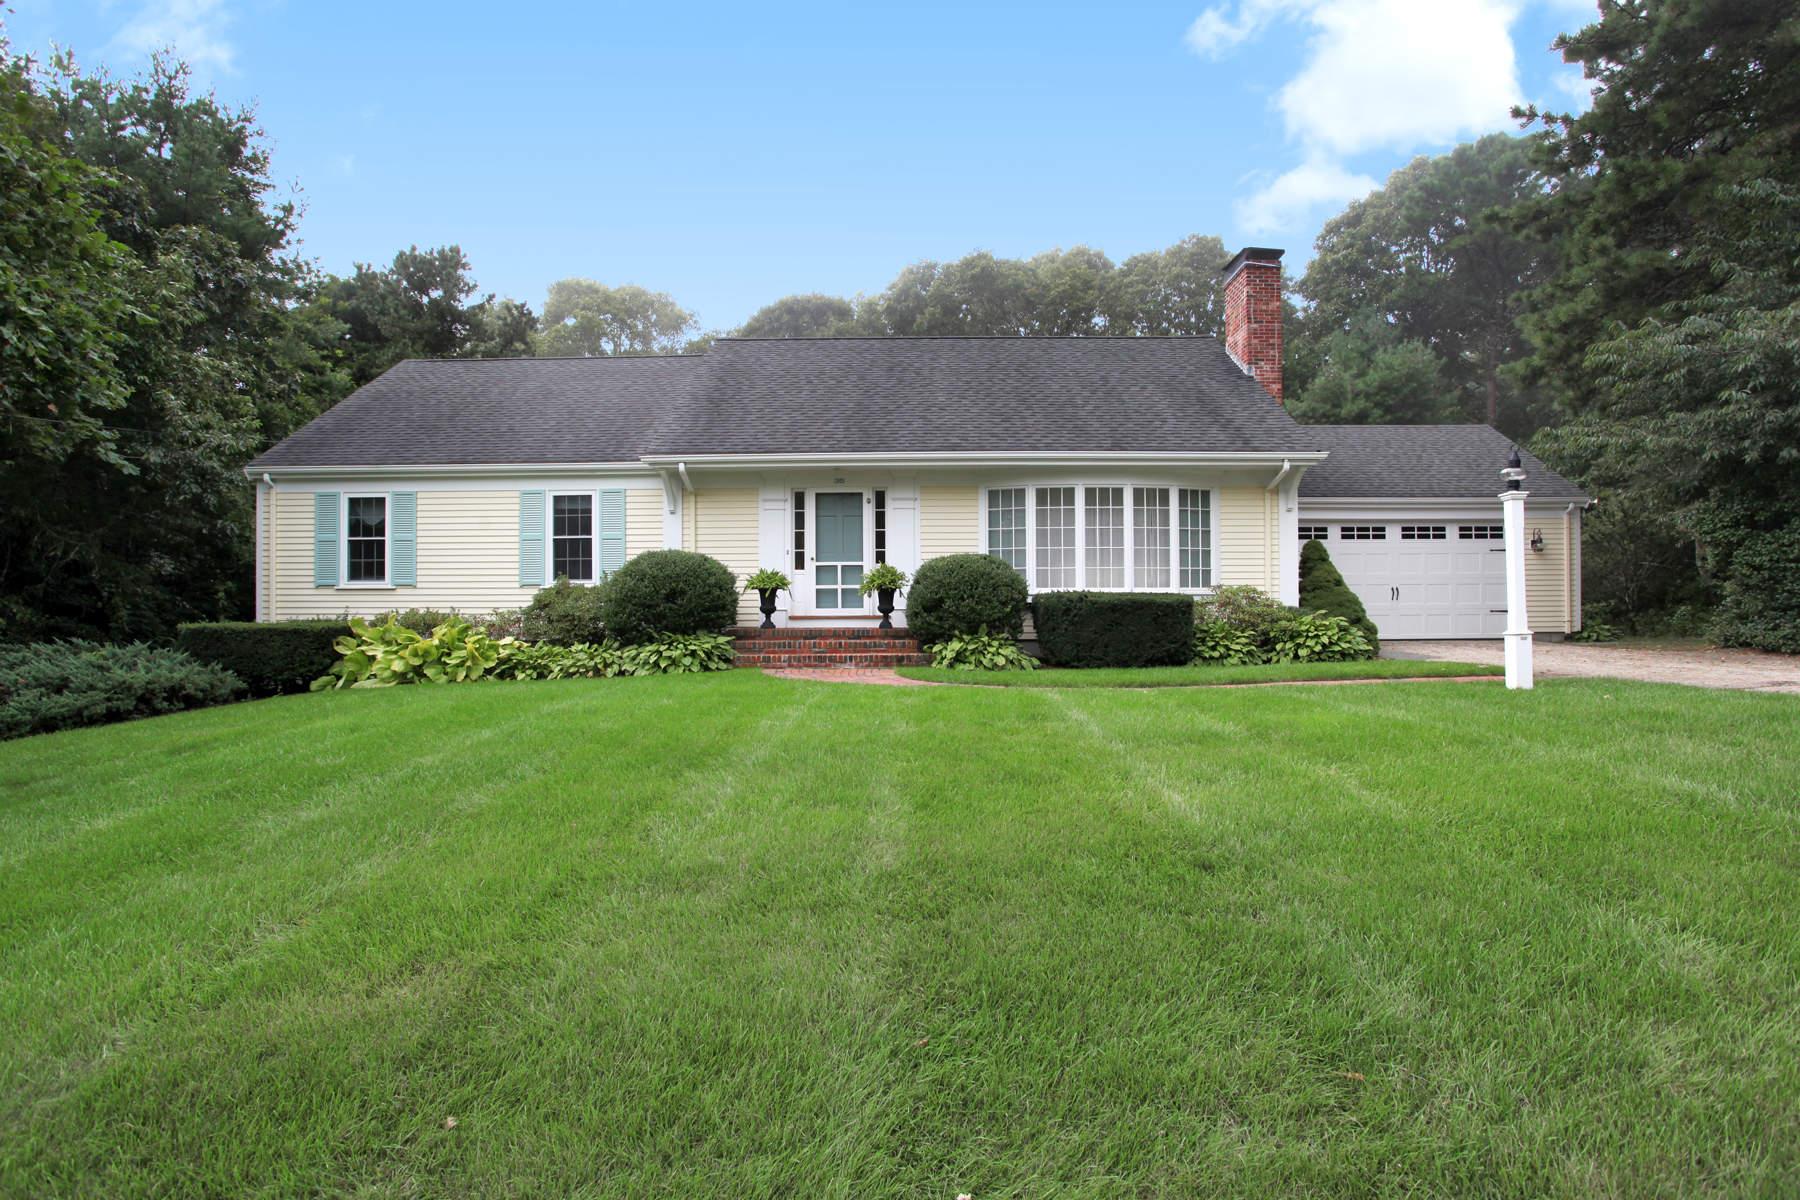 Maison unifamiliale pour l Vente à Oyster Hills Neighborhood Charmer 35 Spice Lane, Osterville, Massachusetts, 02655 États-Unis